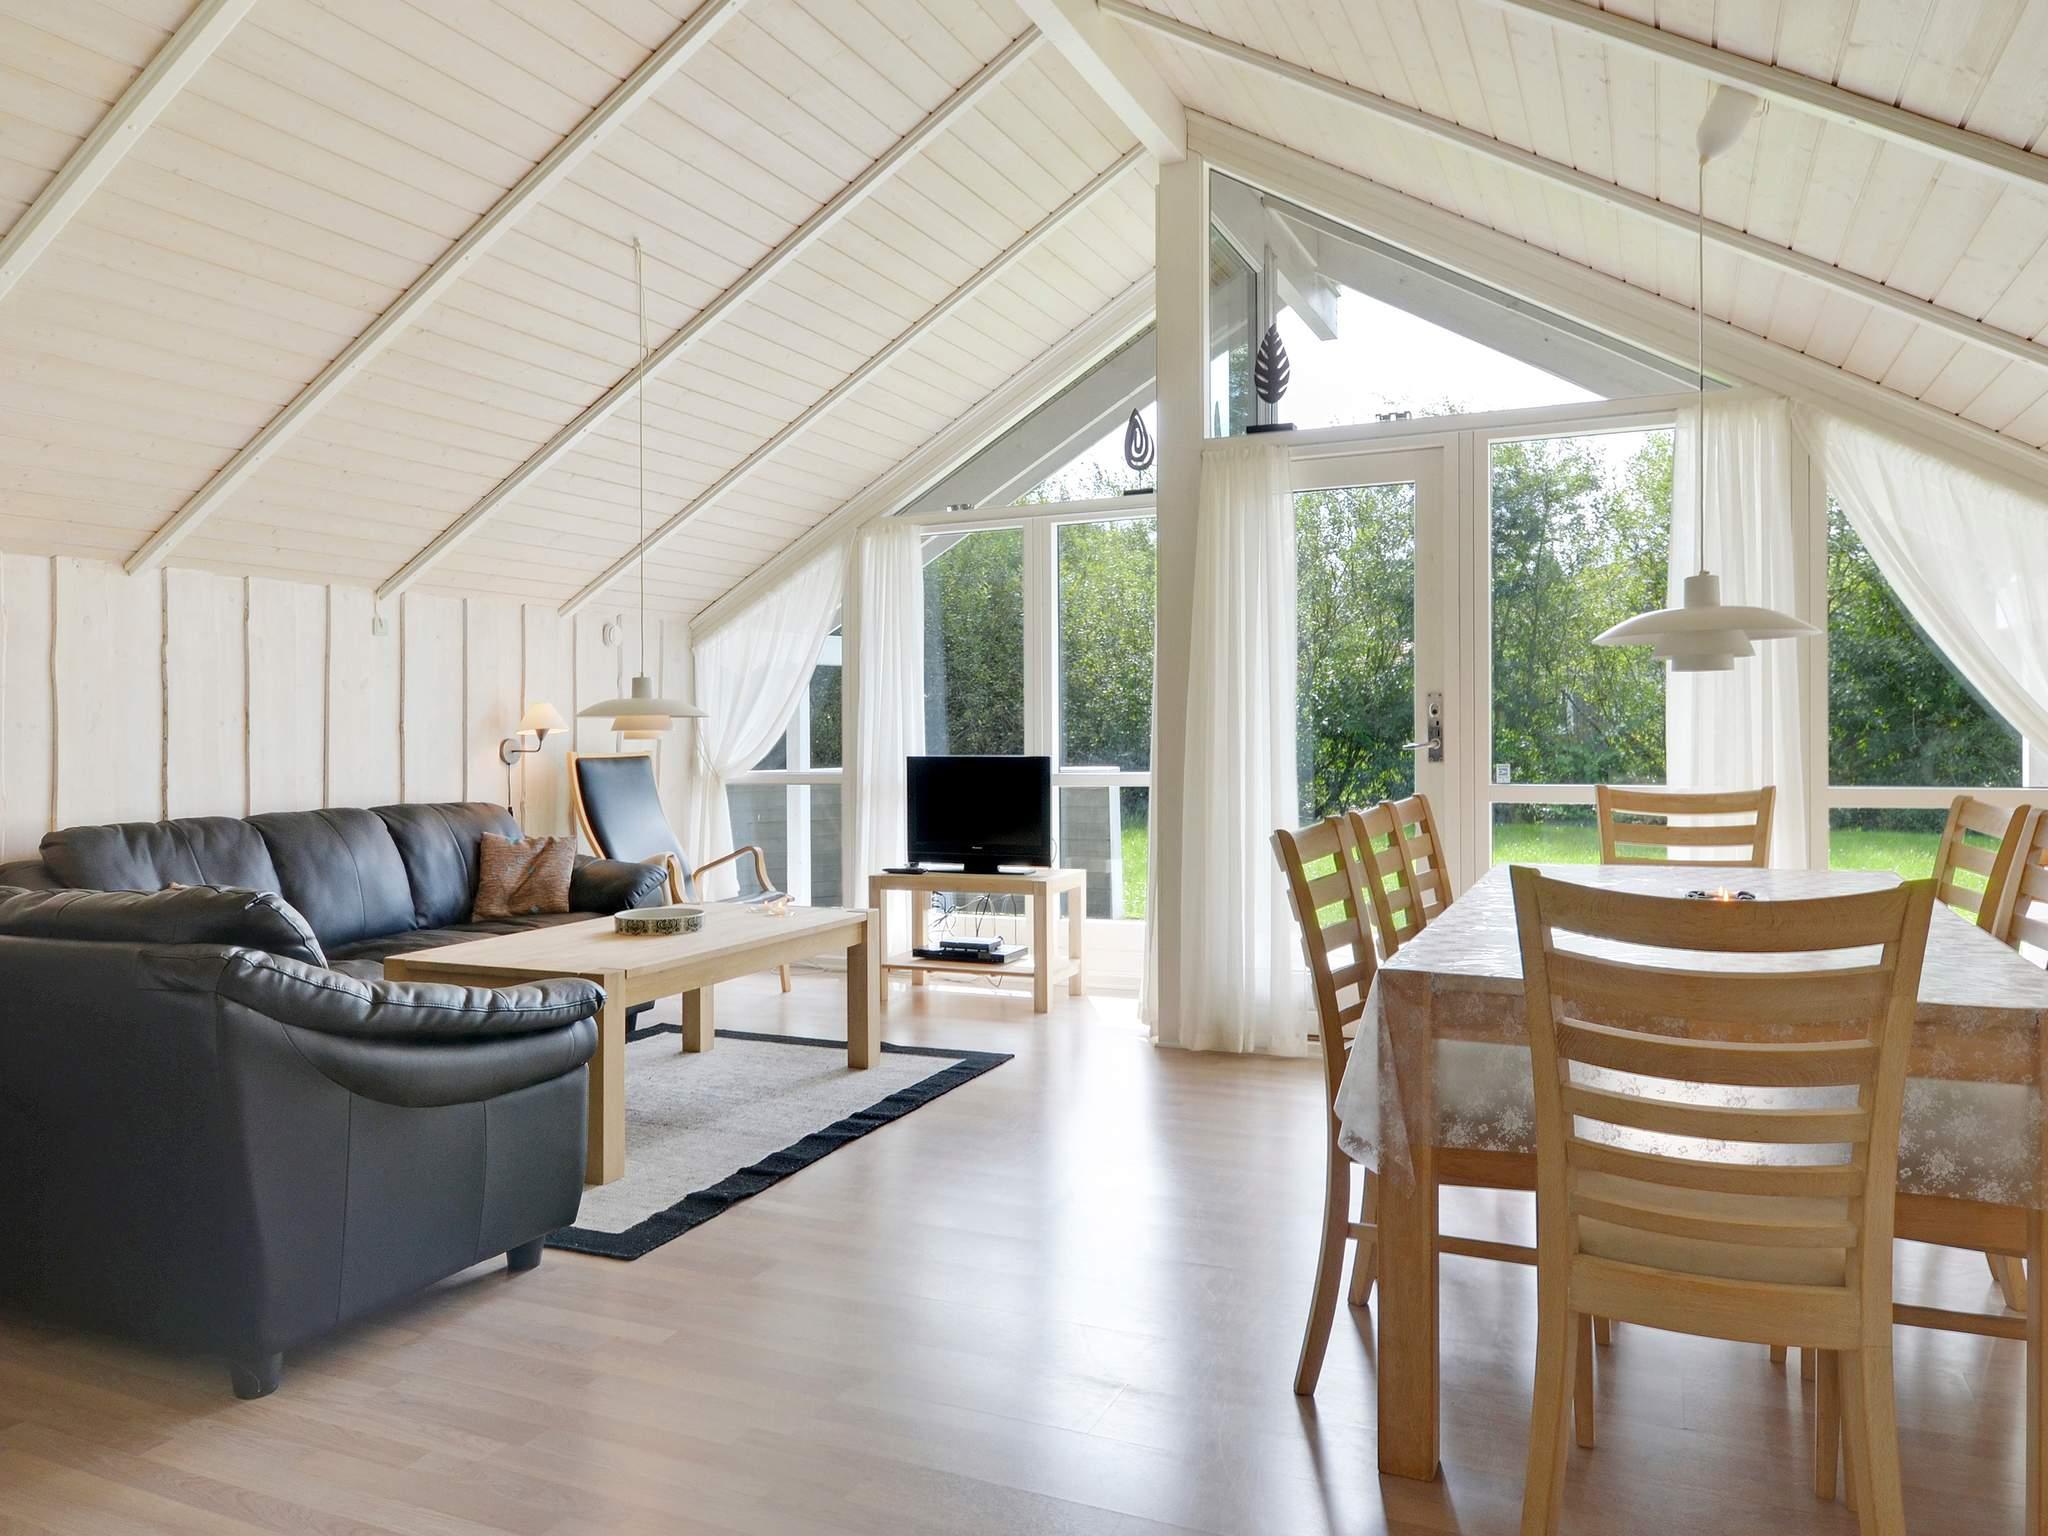 Ferienhaus Bork Havn (420070), Bork Havn, , Westjütland, Dänemark, Bild 3